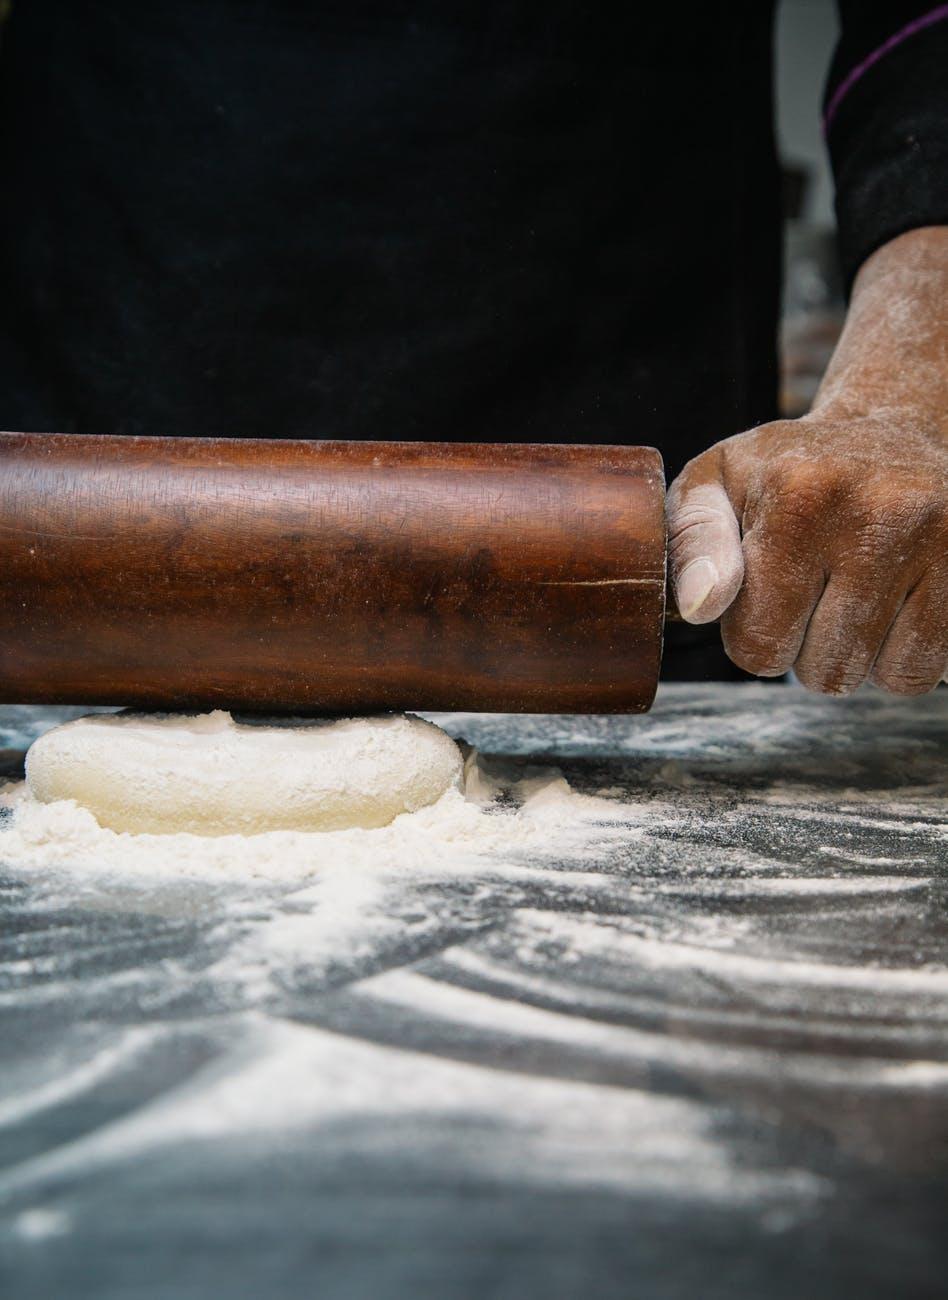 tedio na quarentena cozinhar - Como espantar o tédio na quarentena